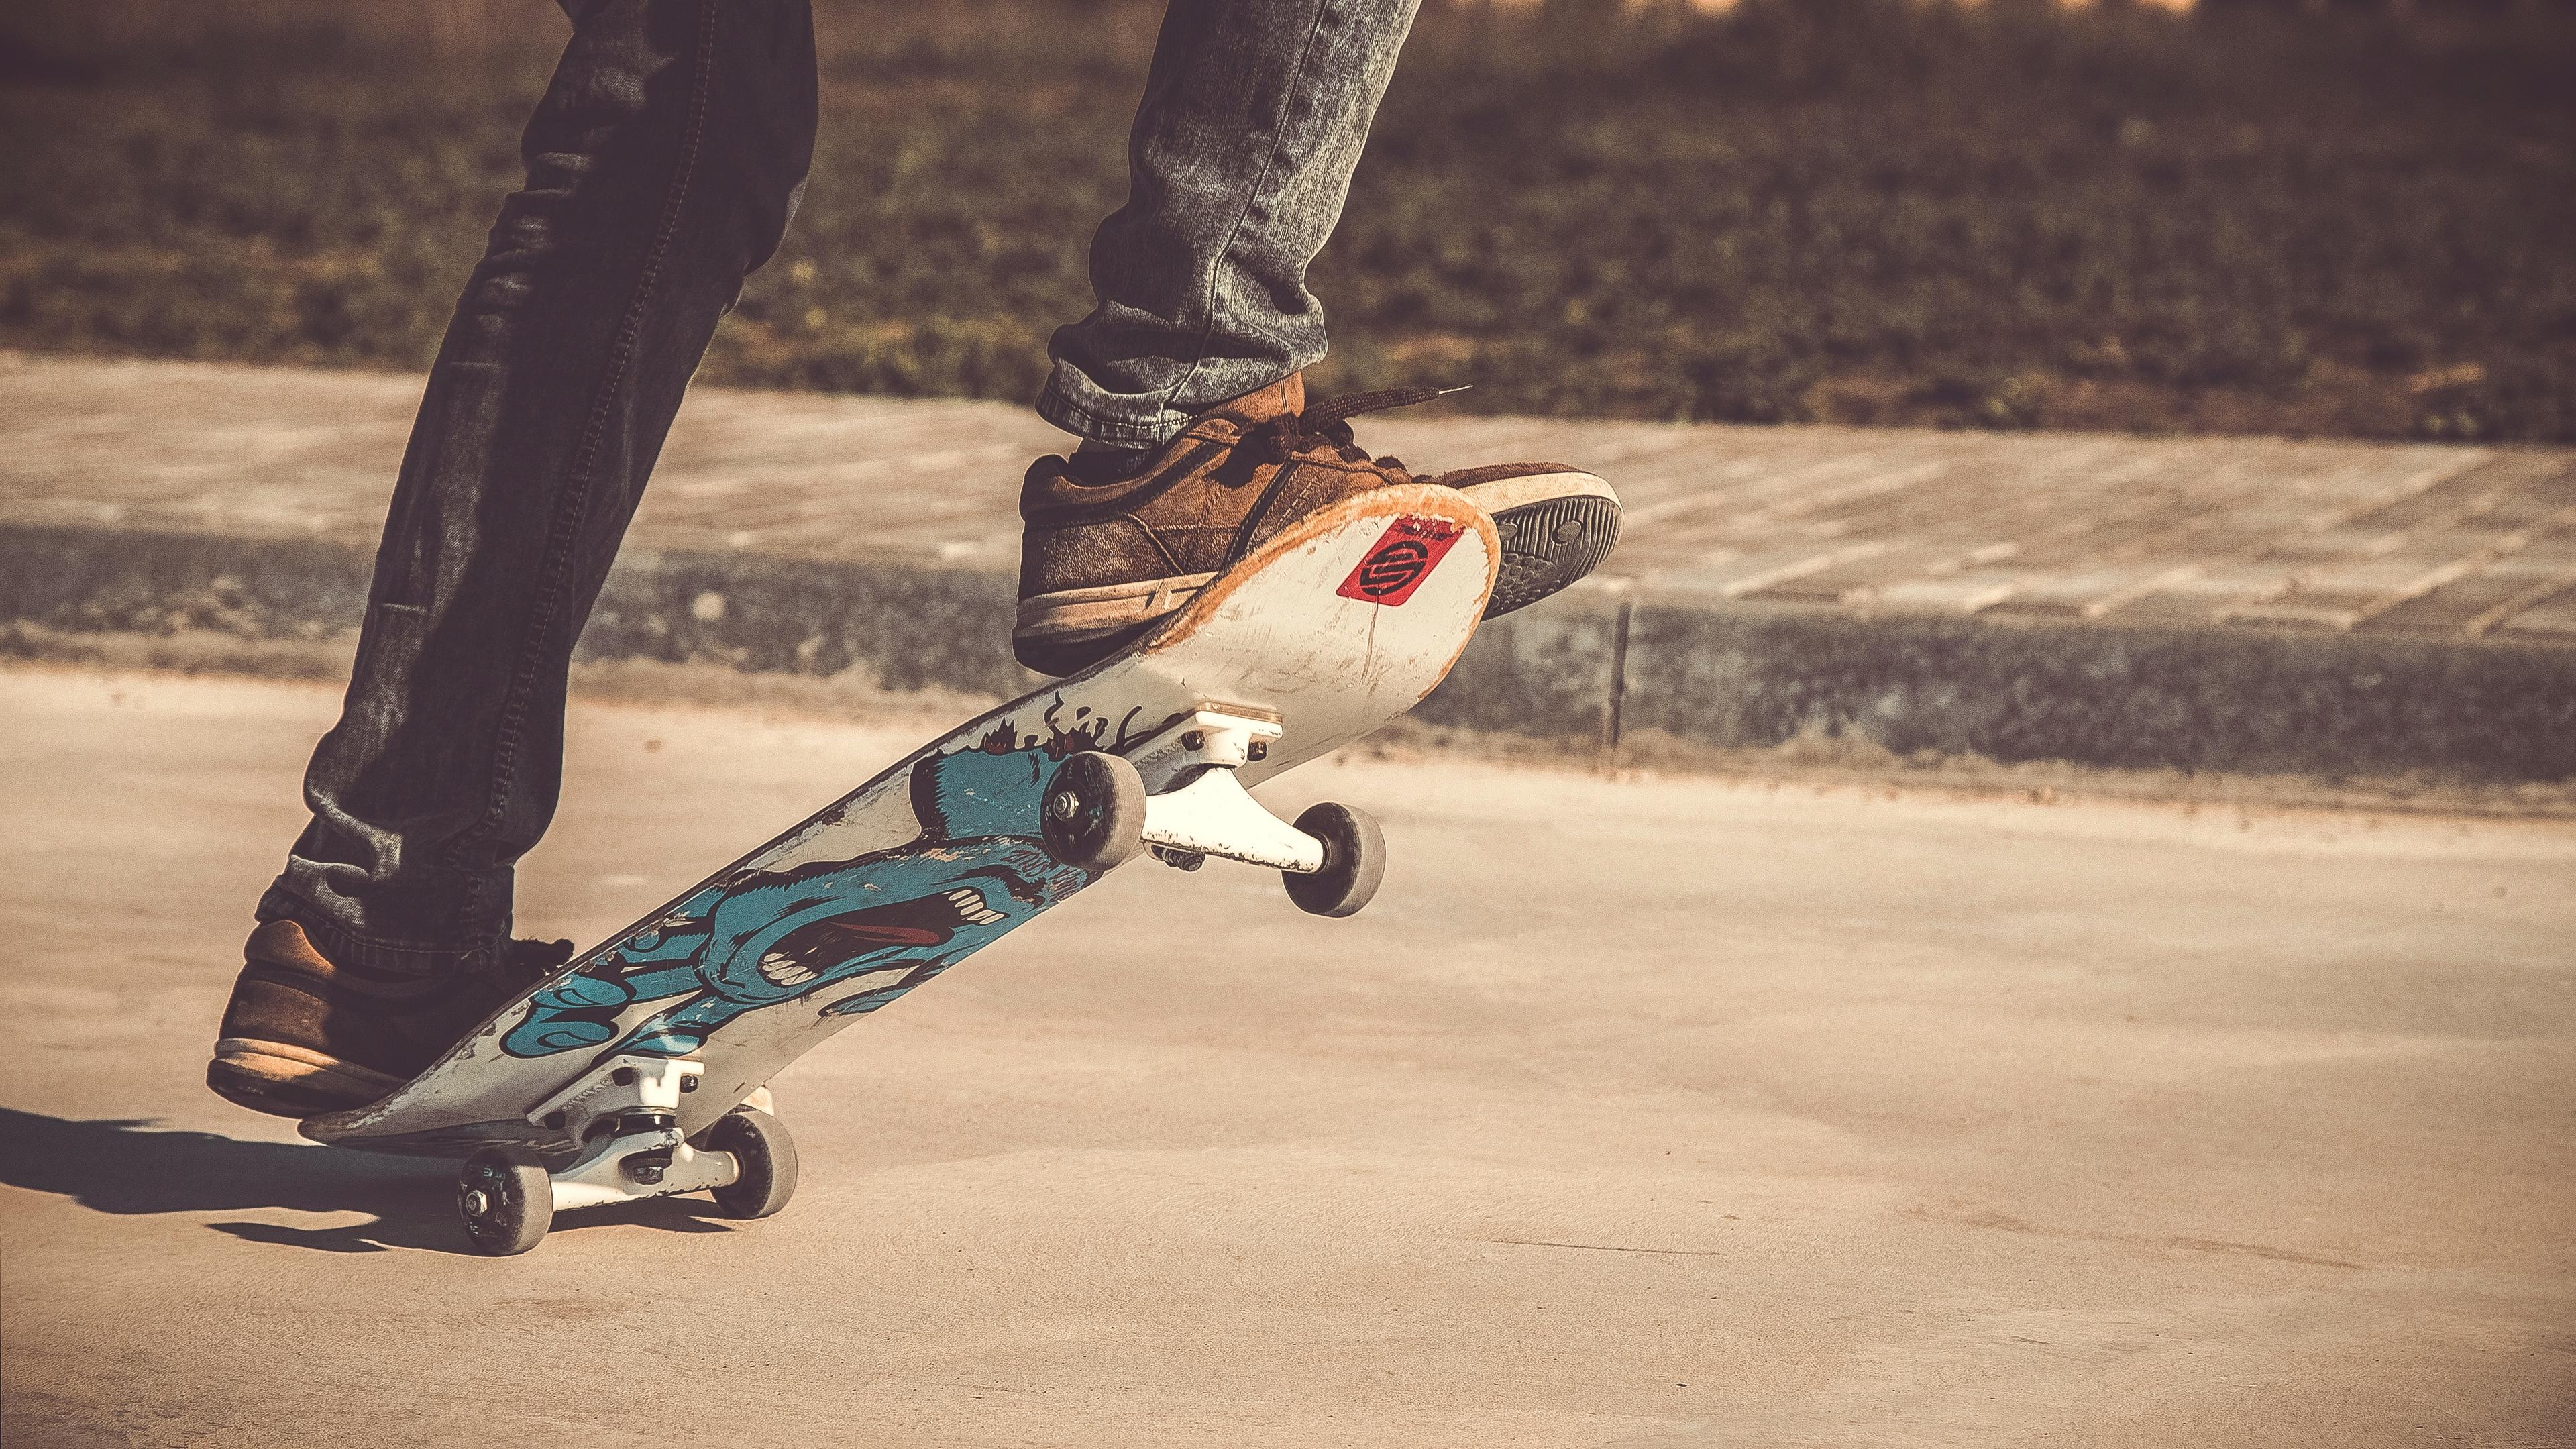 skateboard sneakers sports 4k 1540062065 - skateboard, sneakers, sports 4k - Sports, sneakers, skateboard